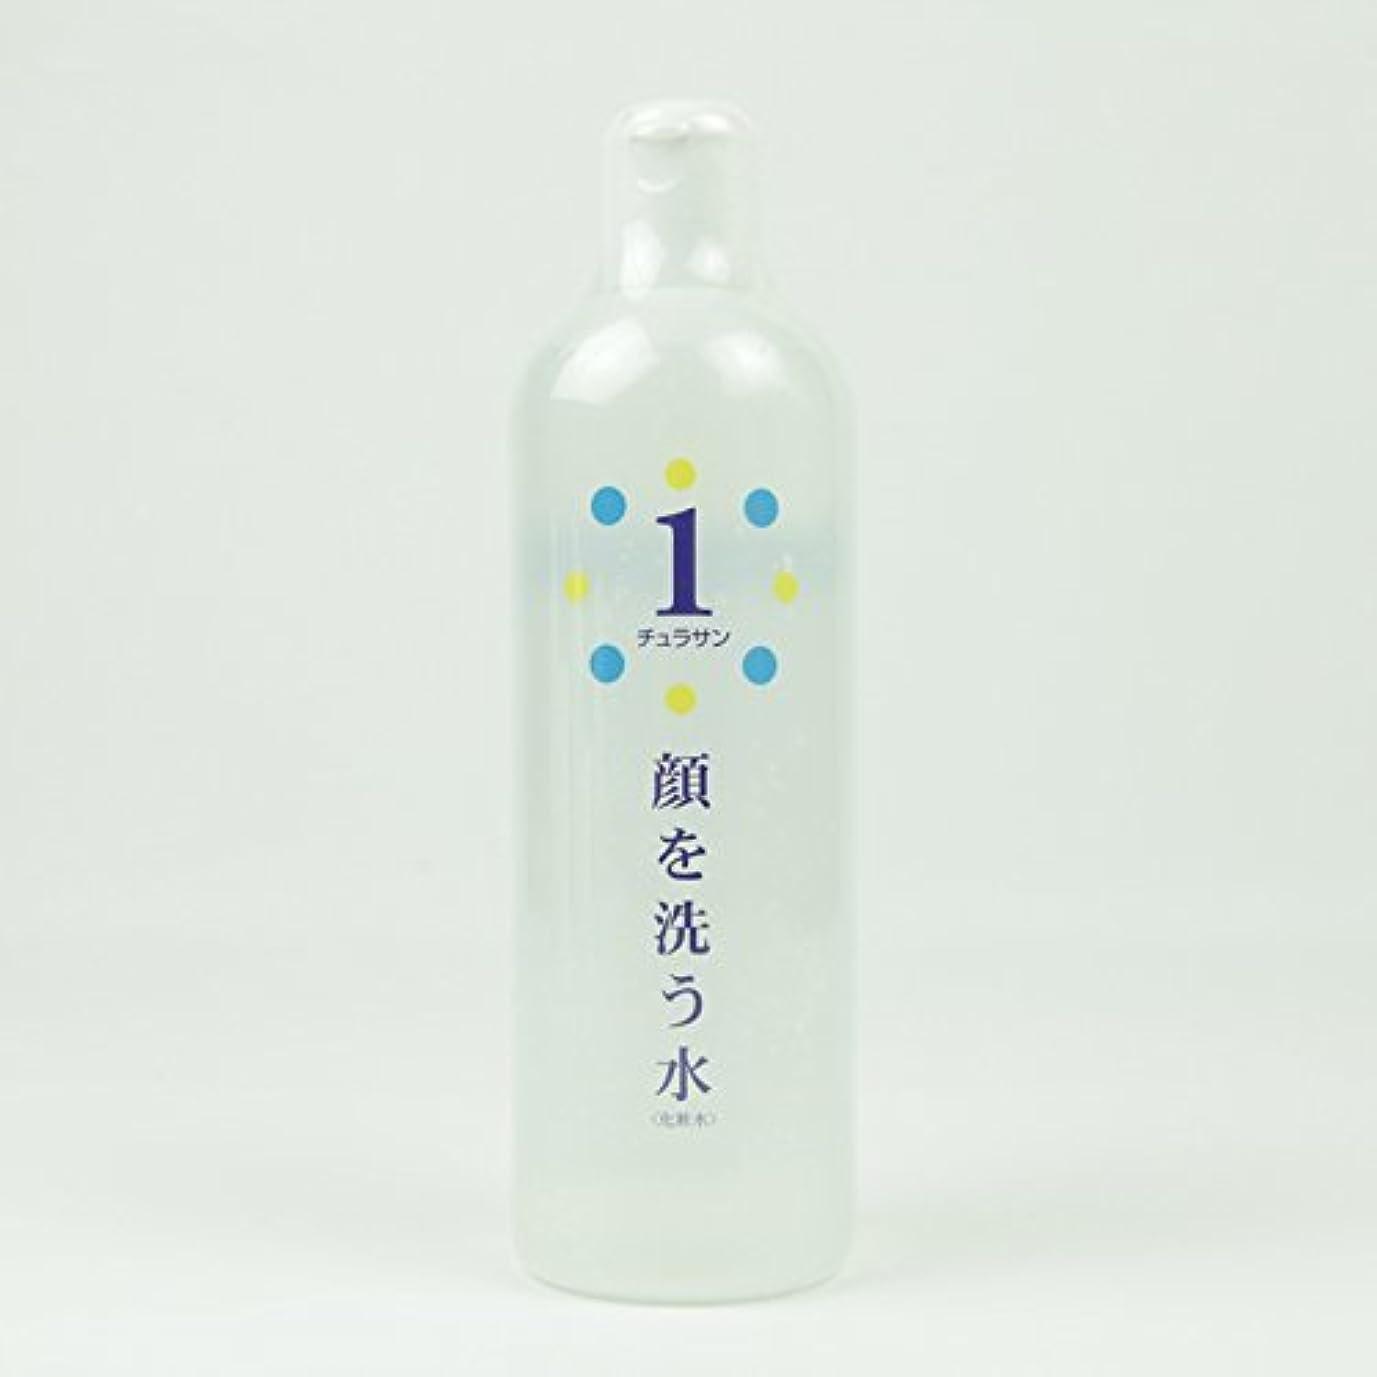 手足限り謎チュラサン1 【顔を洗う水】 500ml